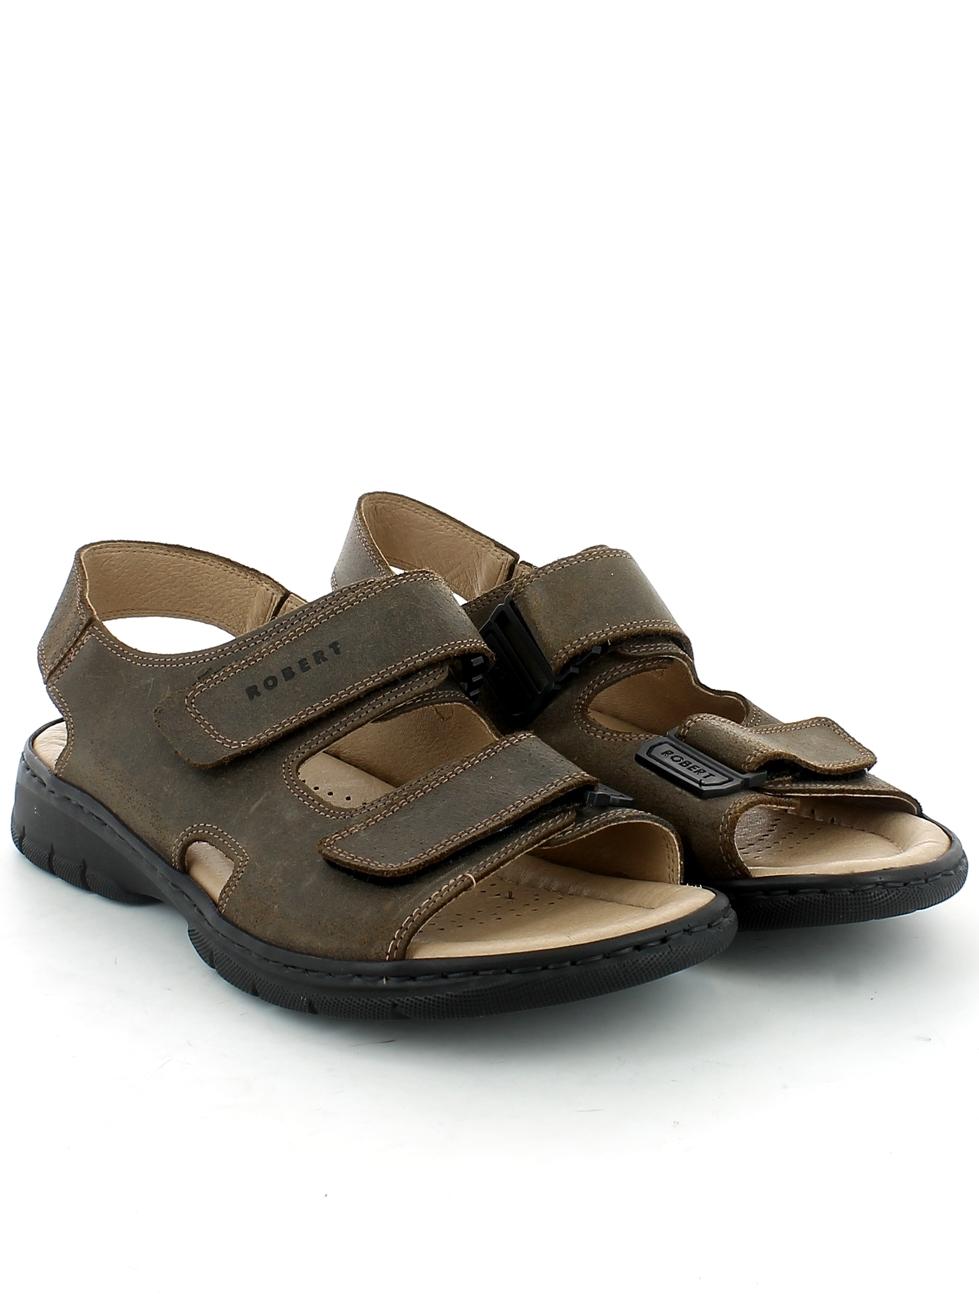 Sandalo Strappi Con Marrone Robert Foam E Memory 4CfOq0w0B